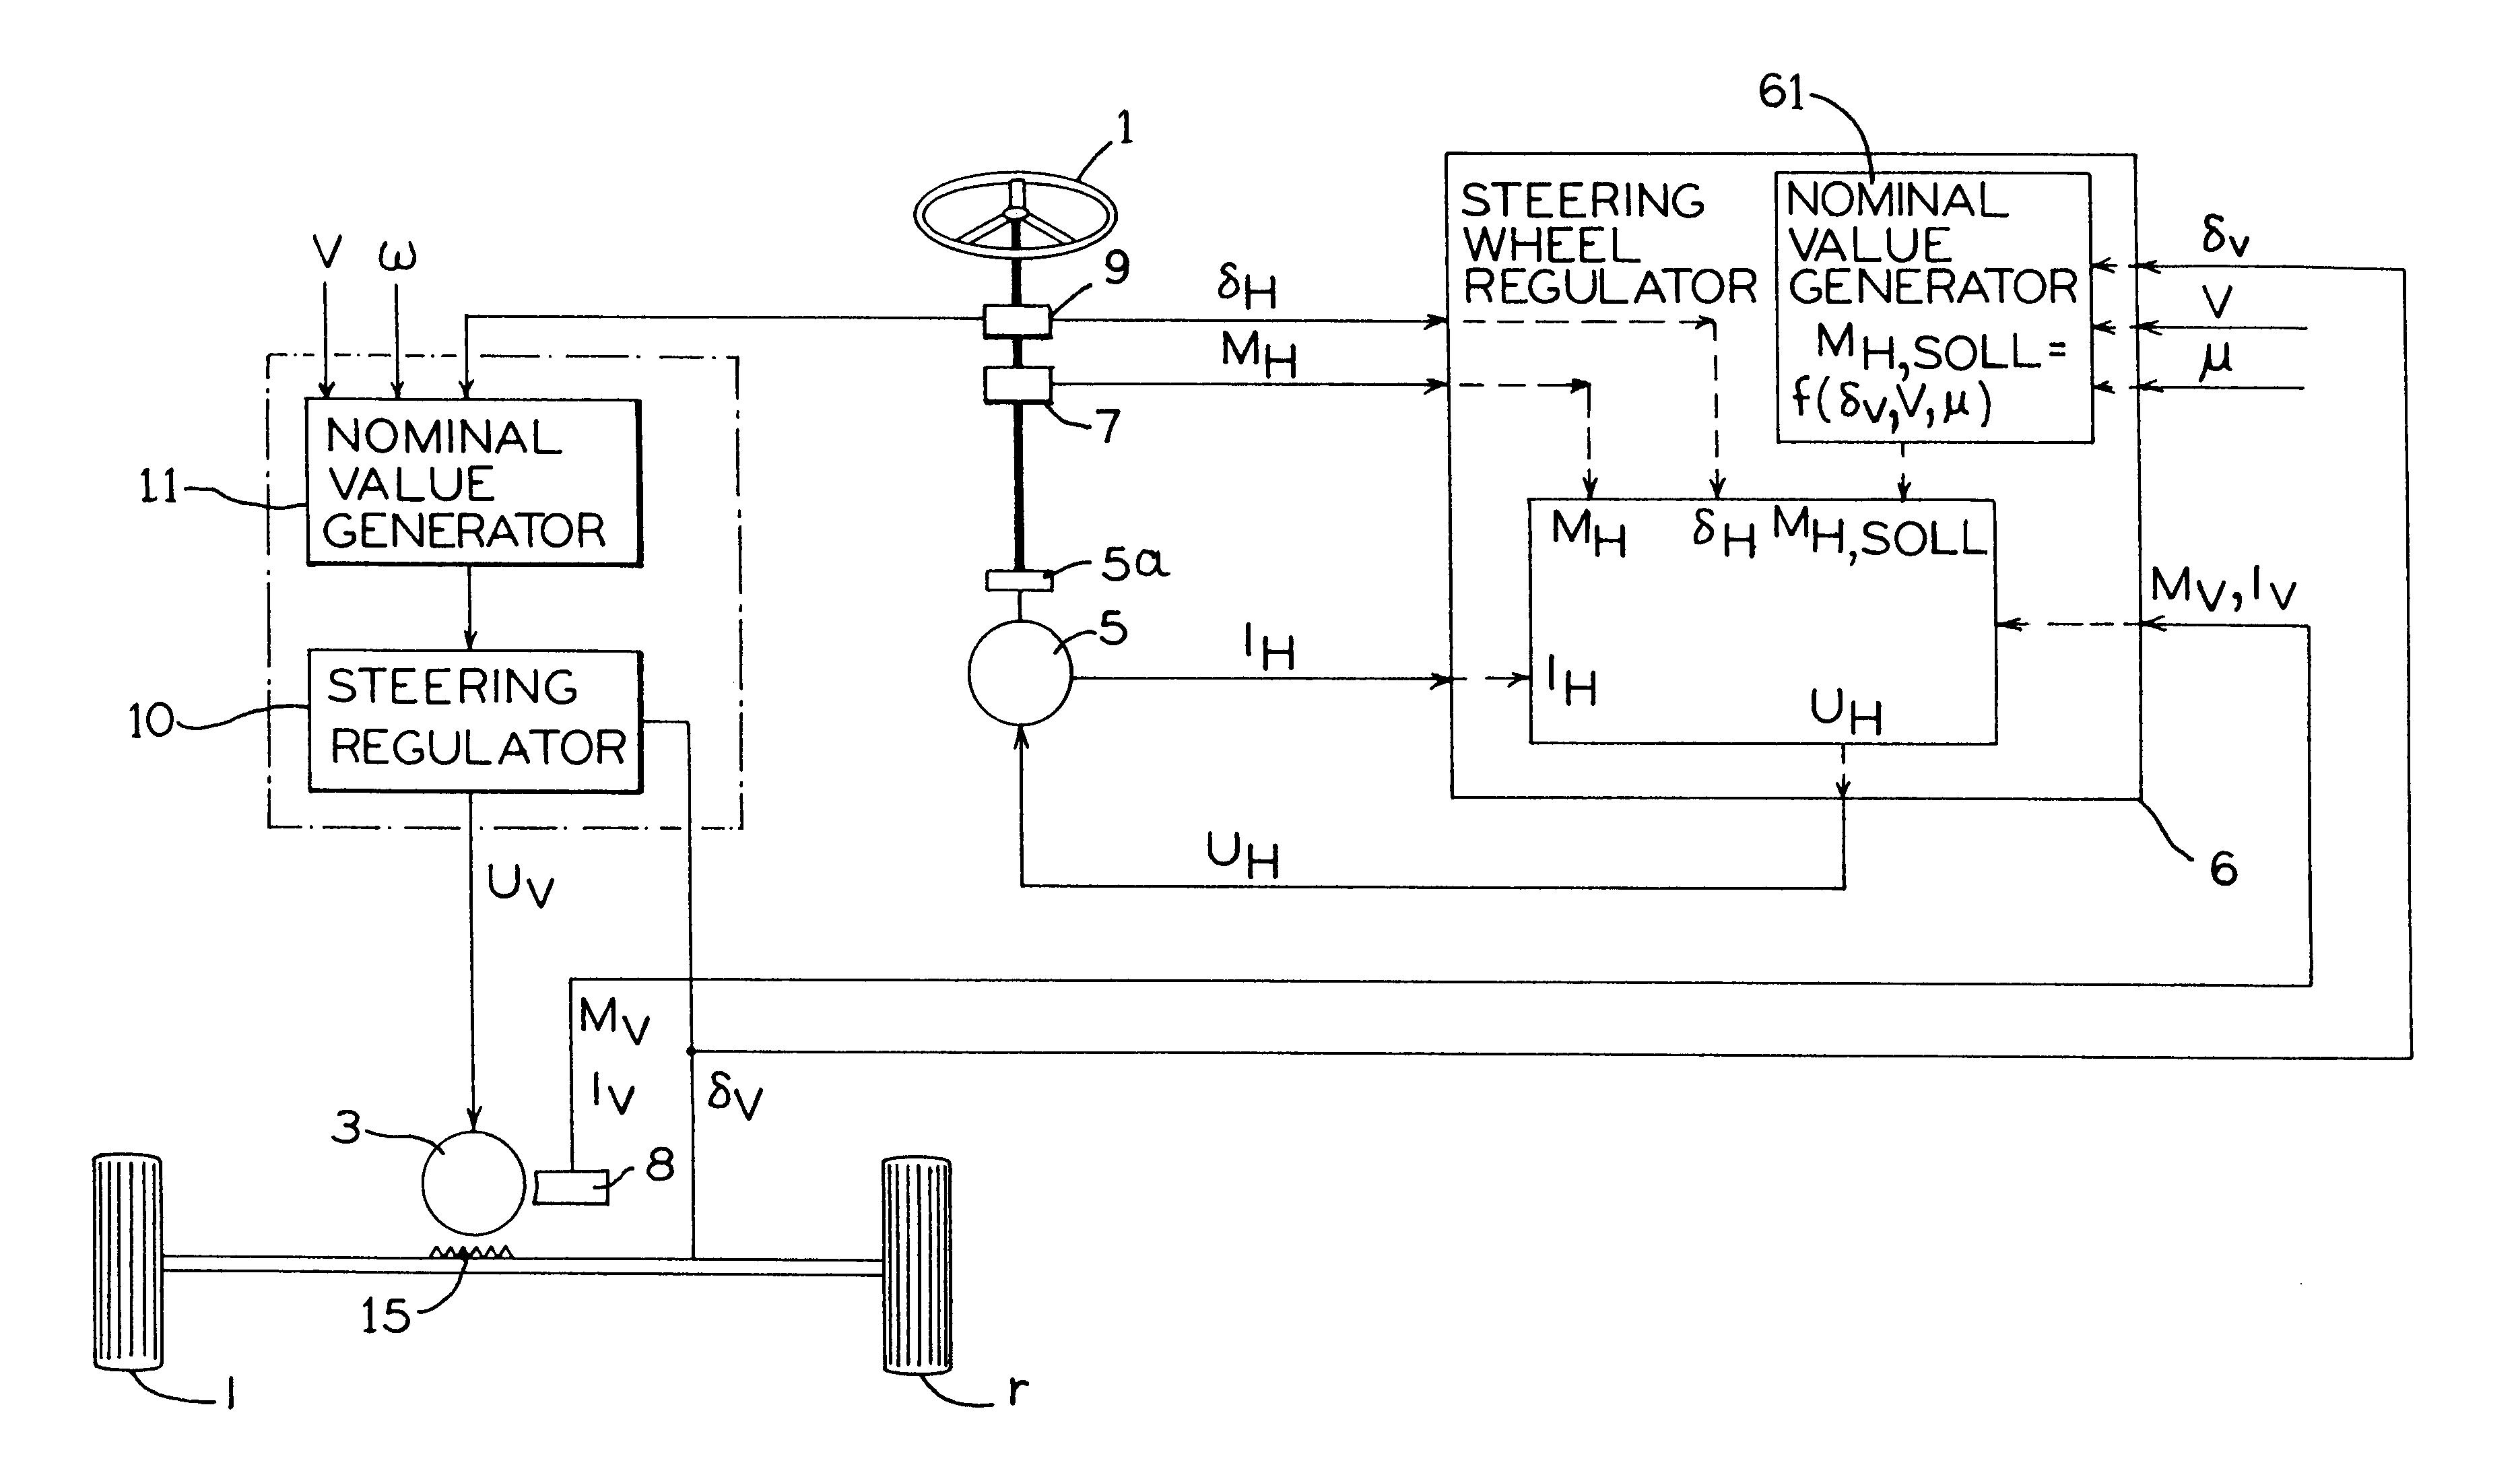 Daihatsu Mira Electric Power Steering Wiring Diagram